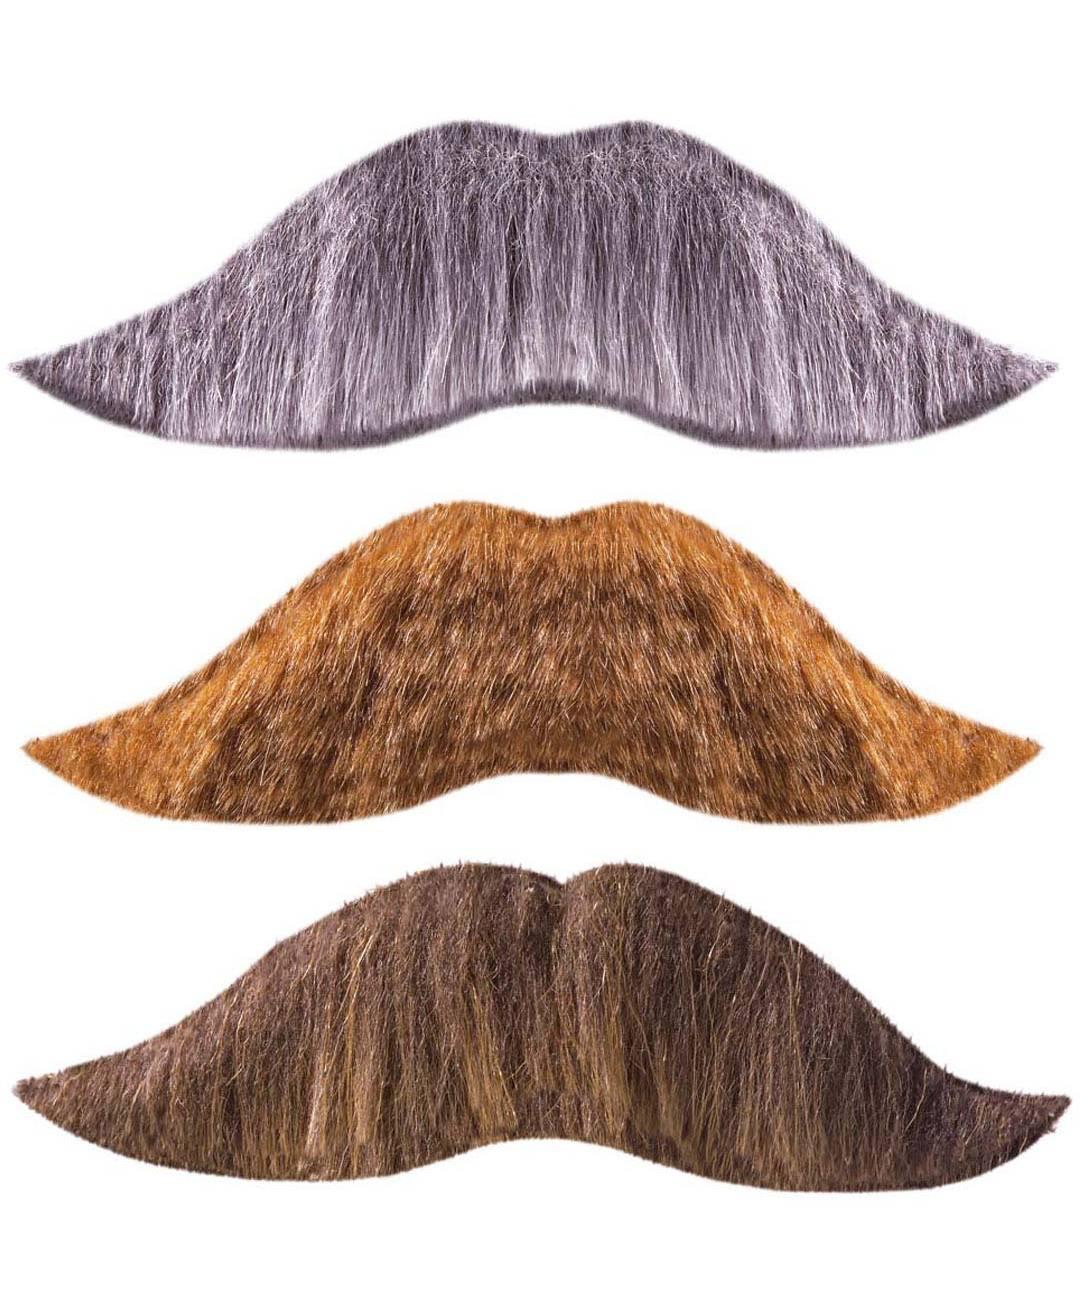 Moustache-King-2